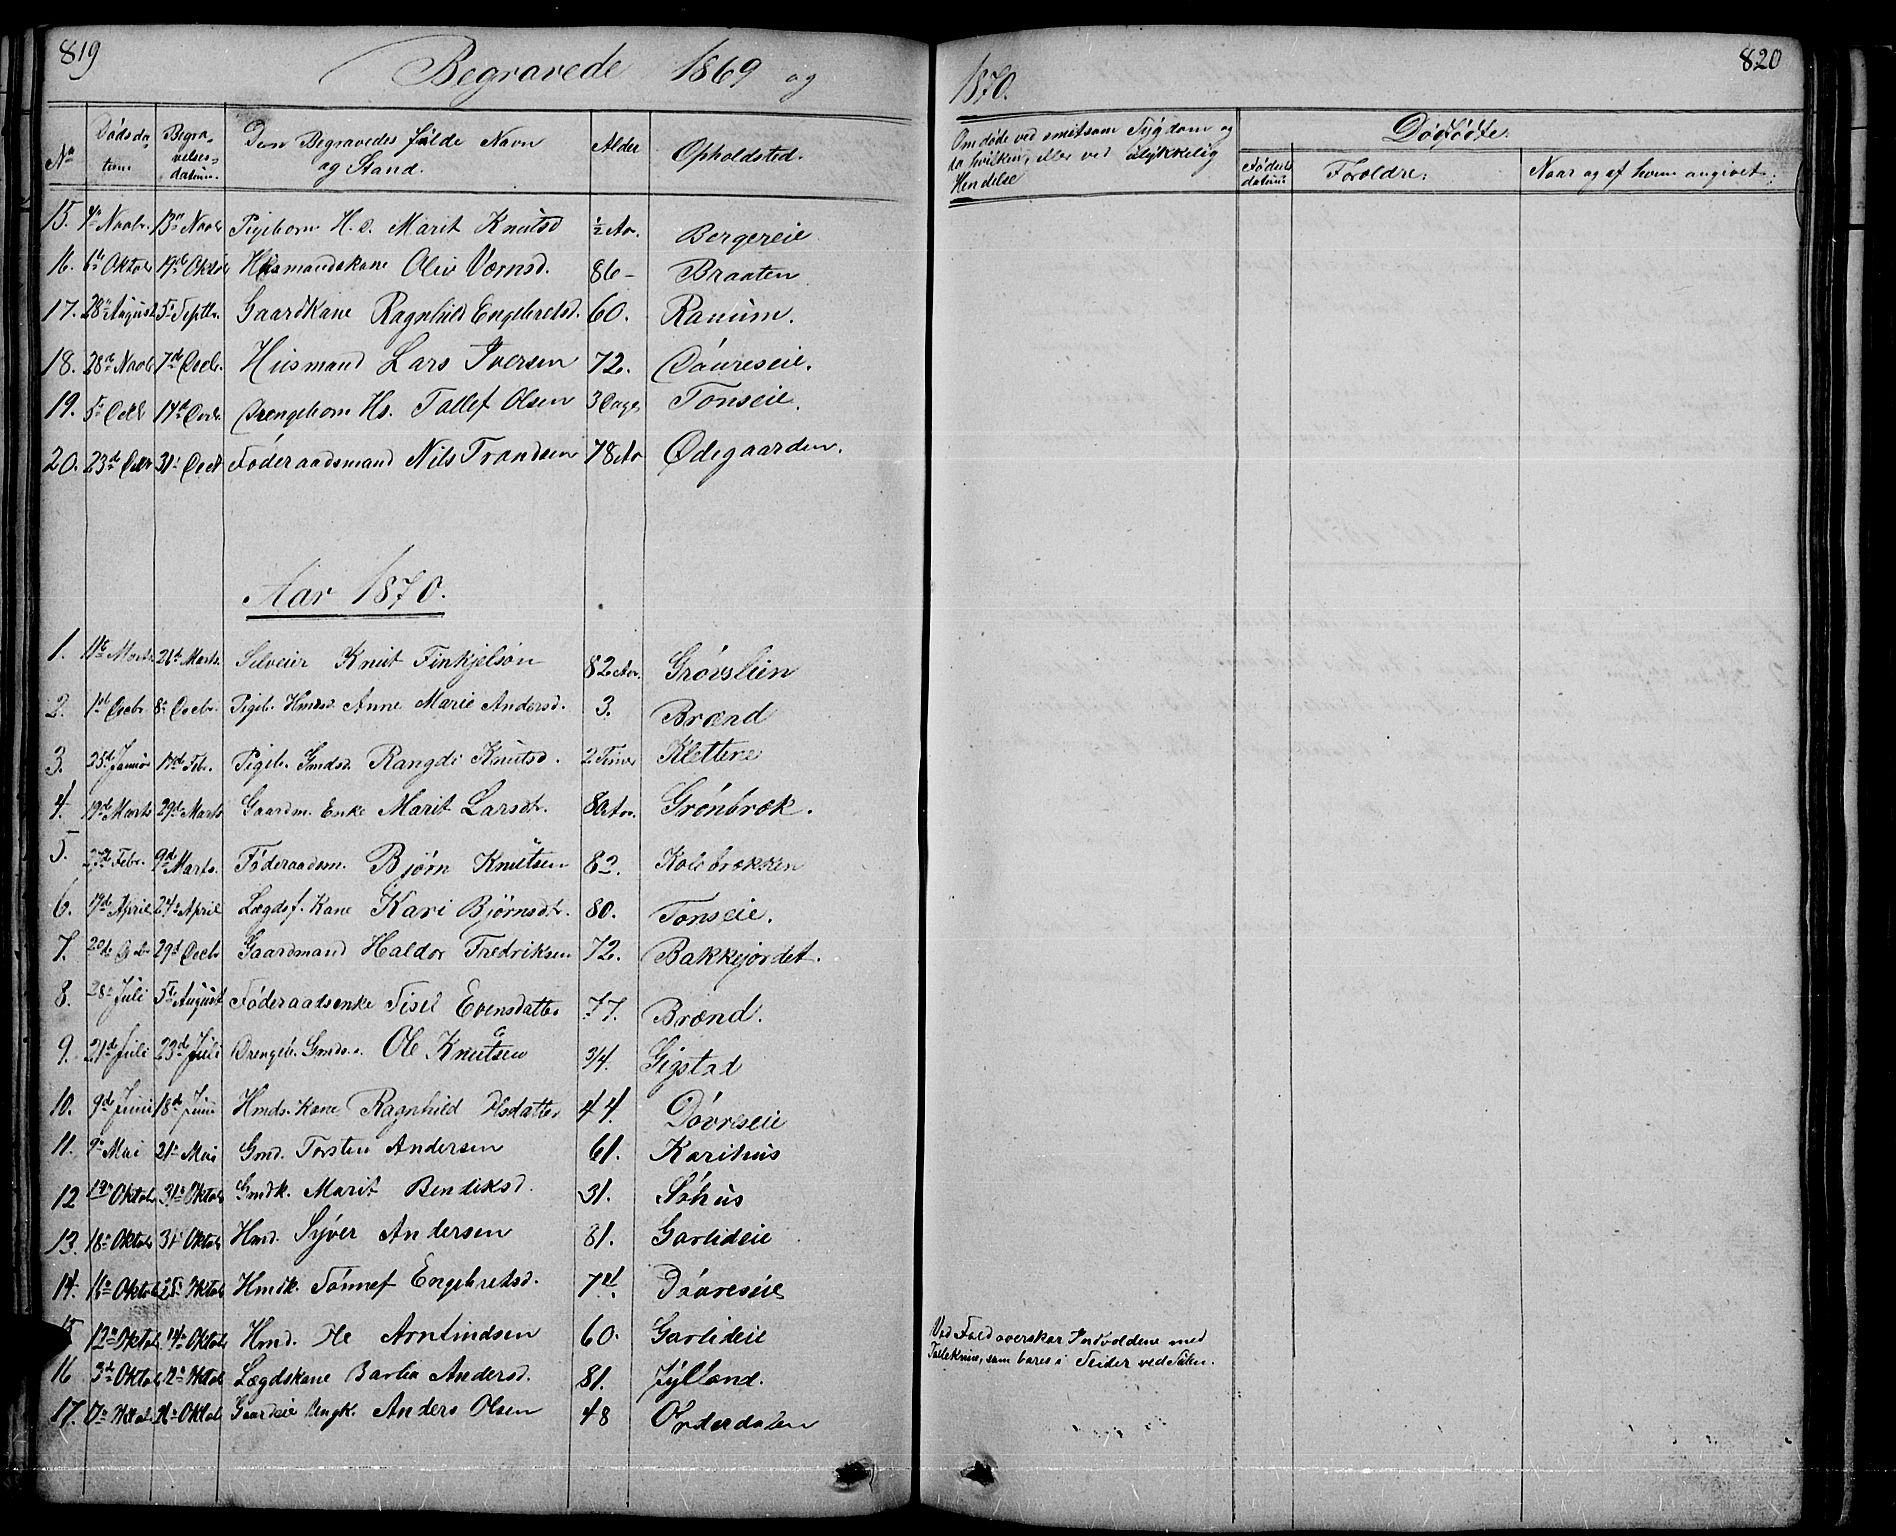 SAH, Nord-Aurdal prestekontor, Klokkerbok nr. 1, 1834-1887, s. 819-820